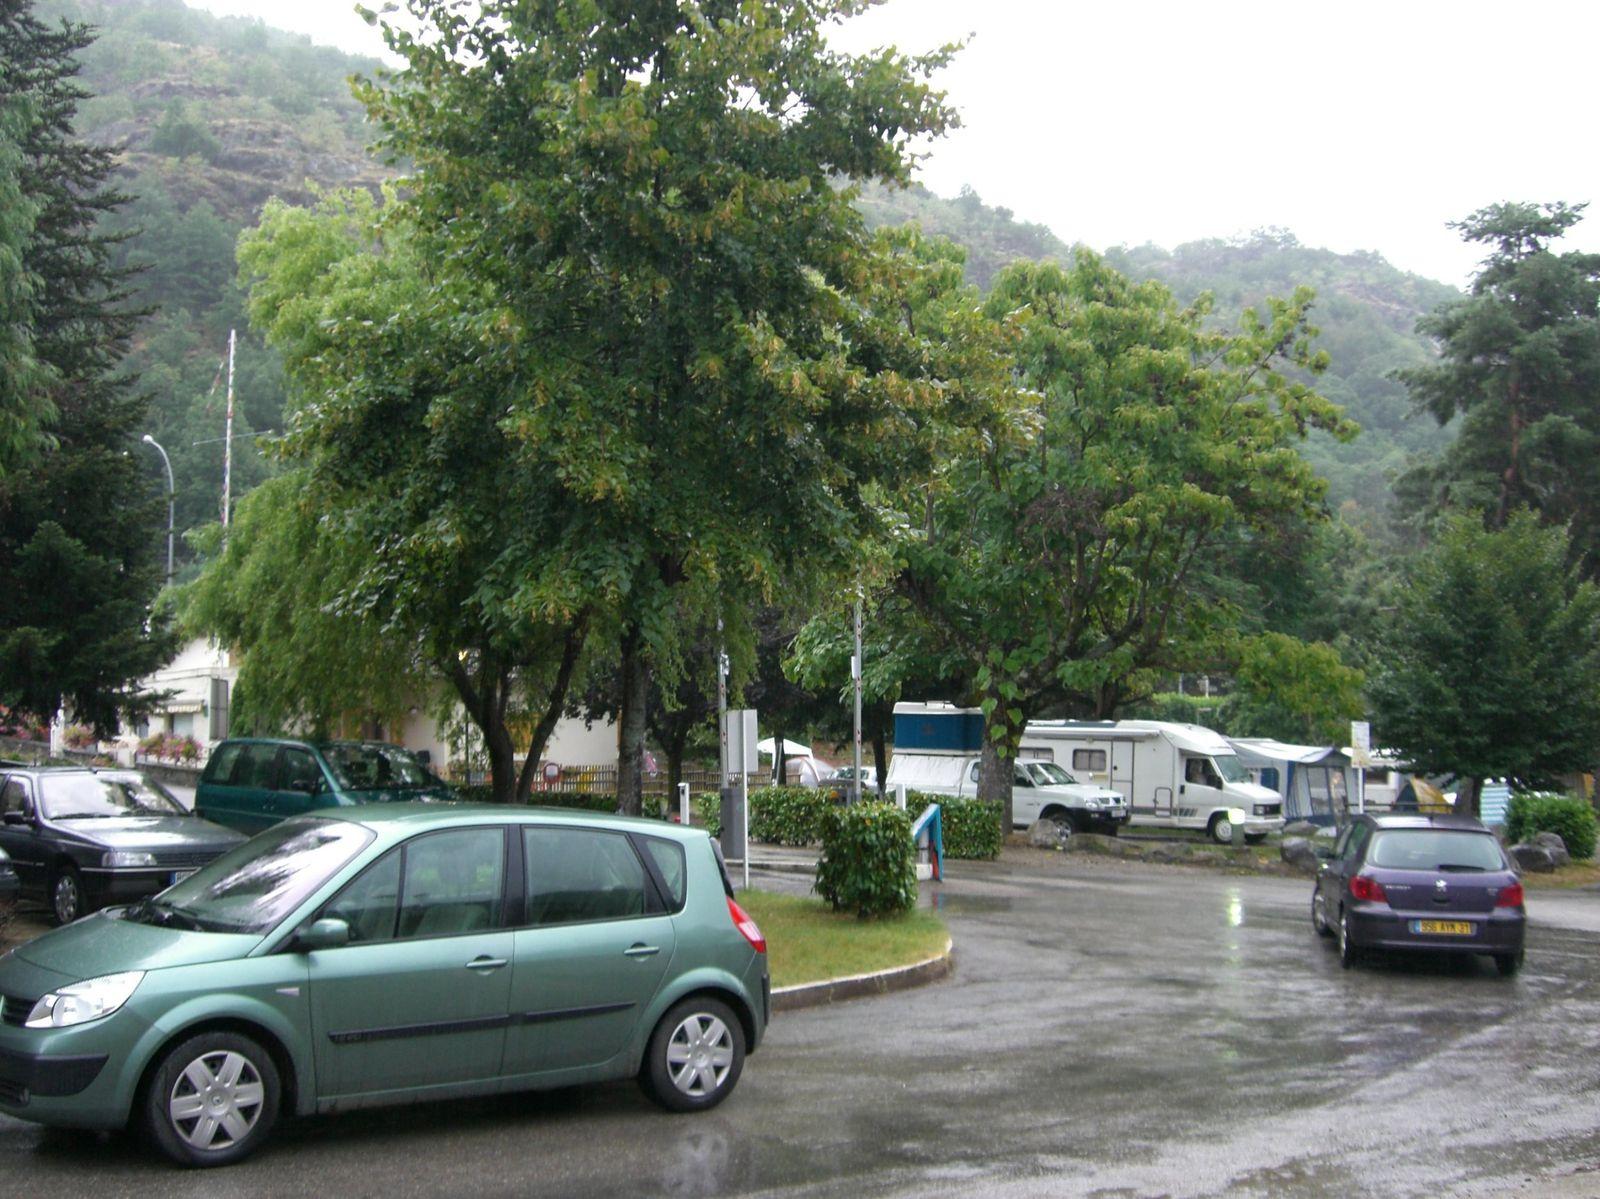 Traversée des Pyrénées 2007 étape 7 Ax les Thermes Céret